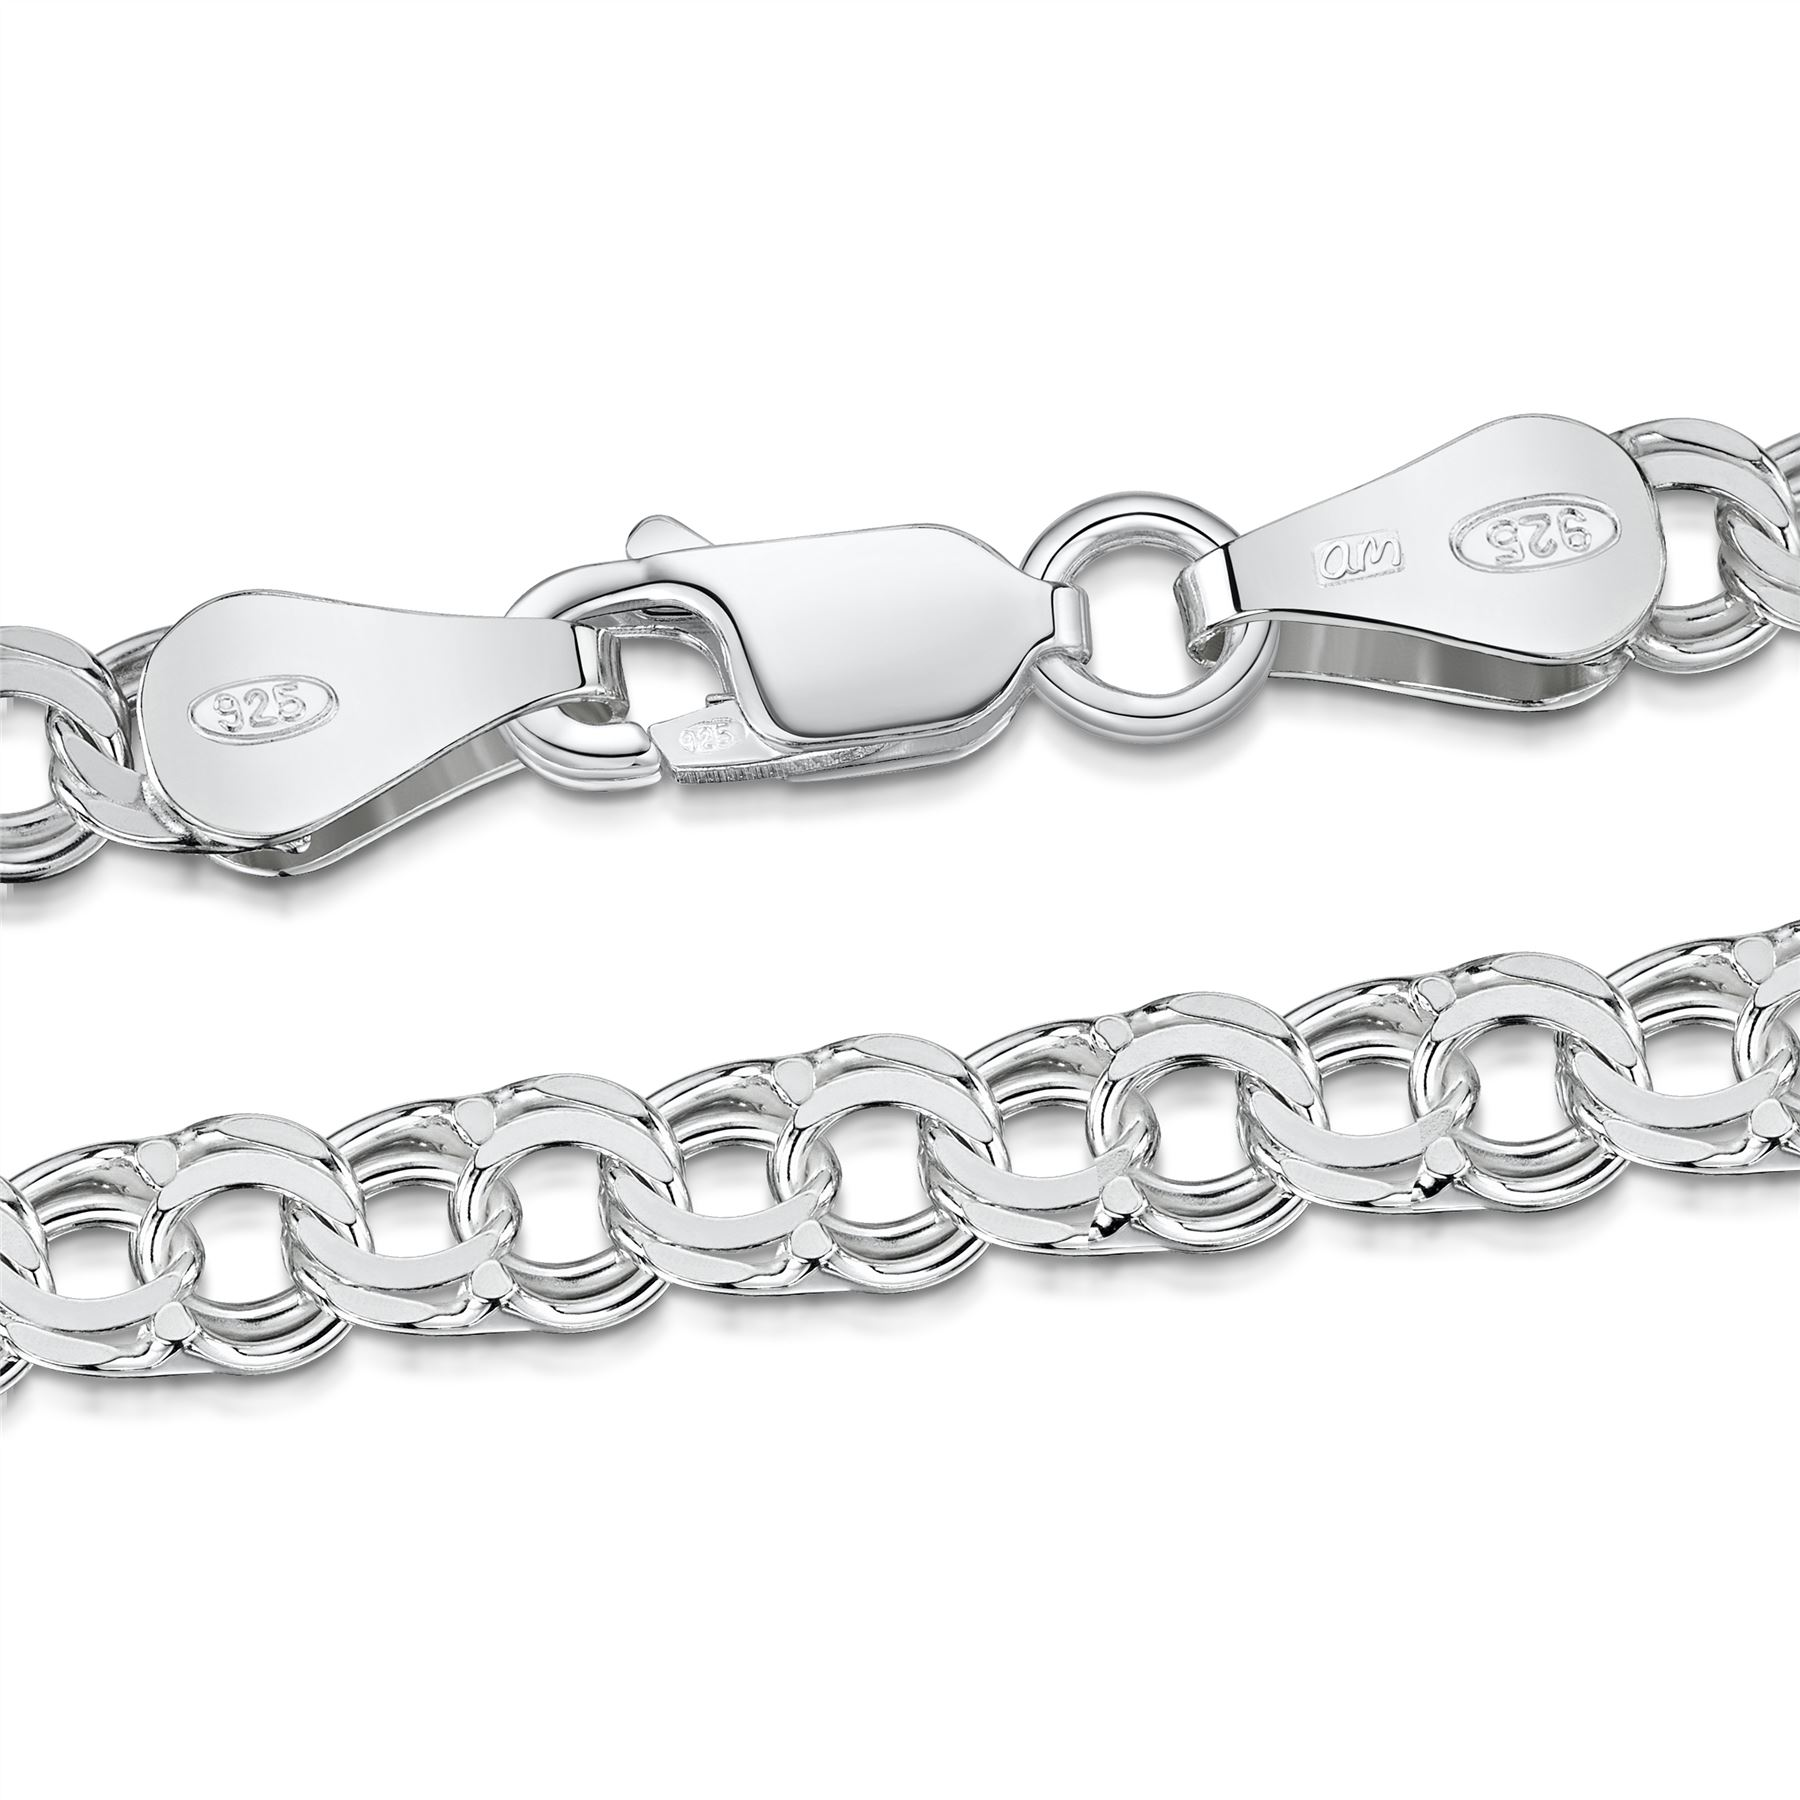 Amberta-Bijoux-Bracelet-en-Vrai-Argent-Sterling-925-Chaine-pour-Femme-a-la-Mode thumbnail 91